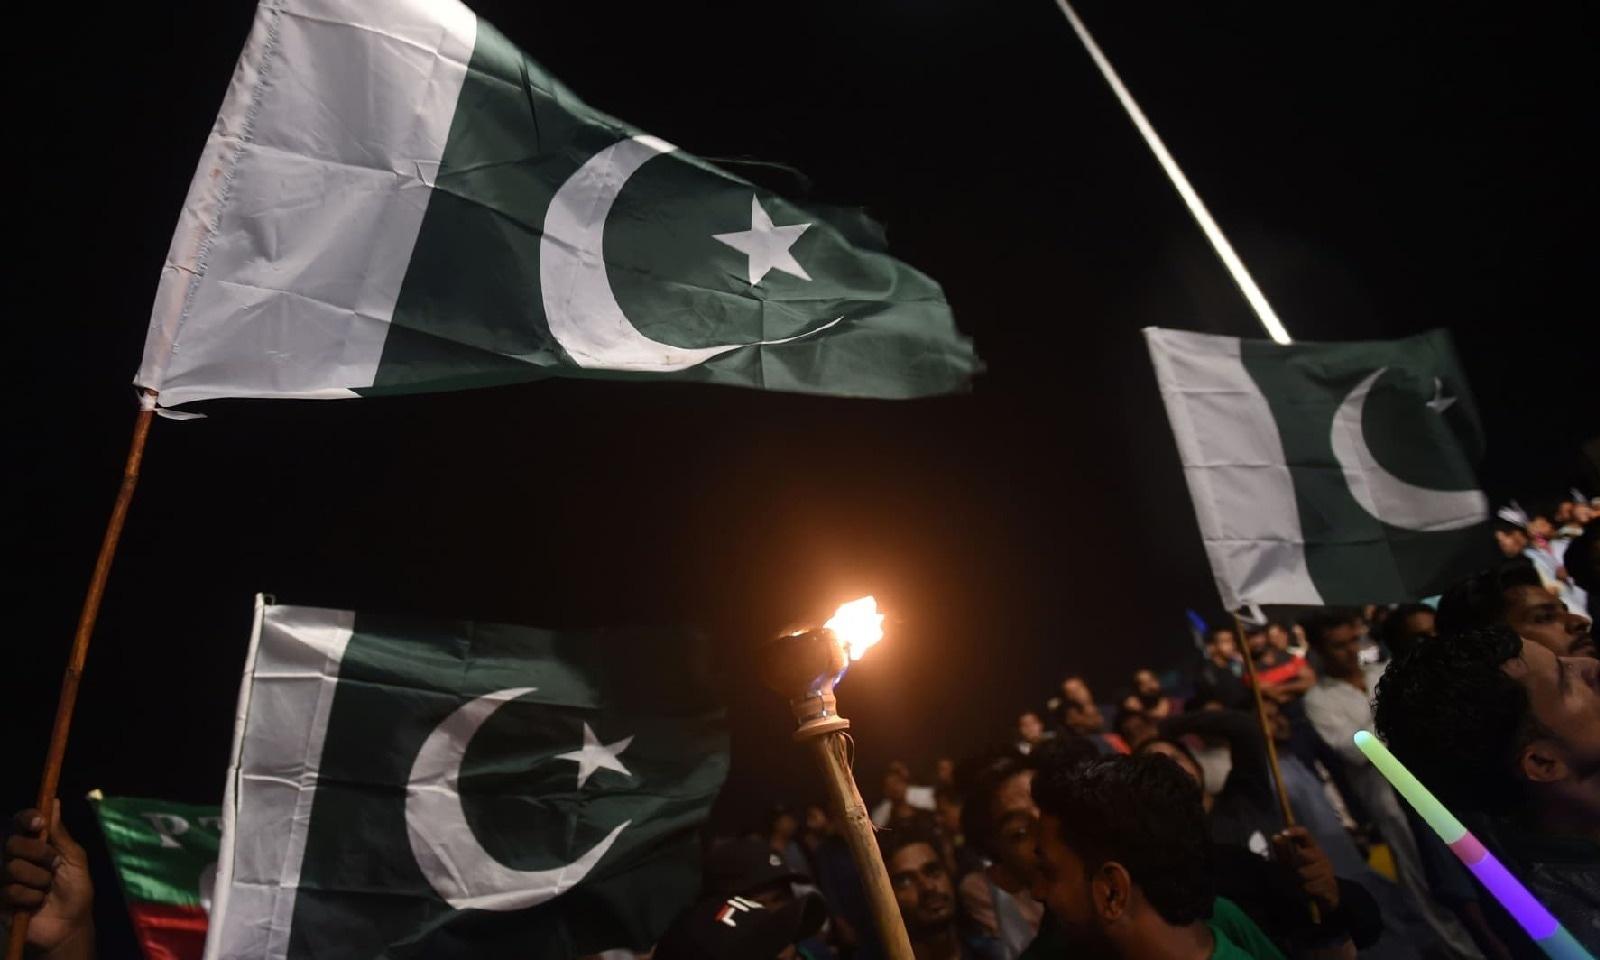 کراچی میں یوم آزادی کا جشن منانے والے لوگوں نے  قومی پرچم تھام رکھے ہیں — فوٹو: اے ایف پی